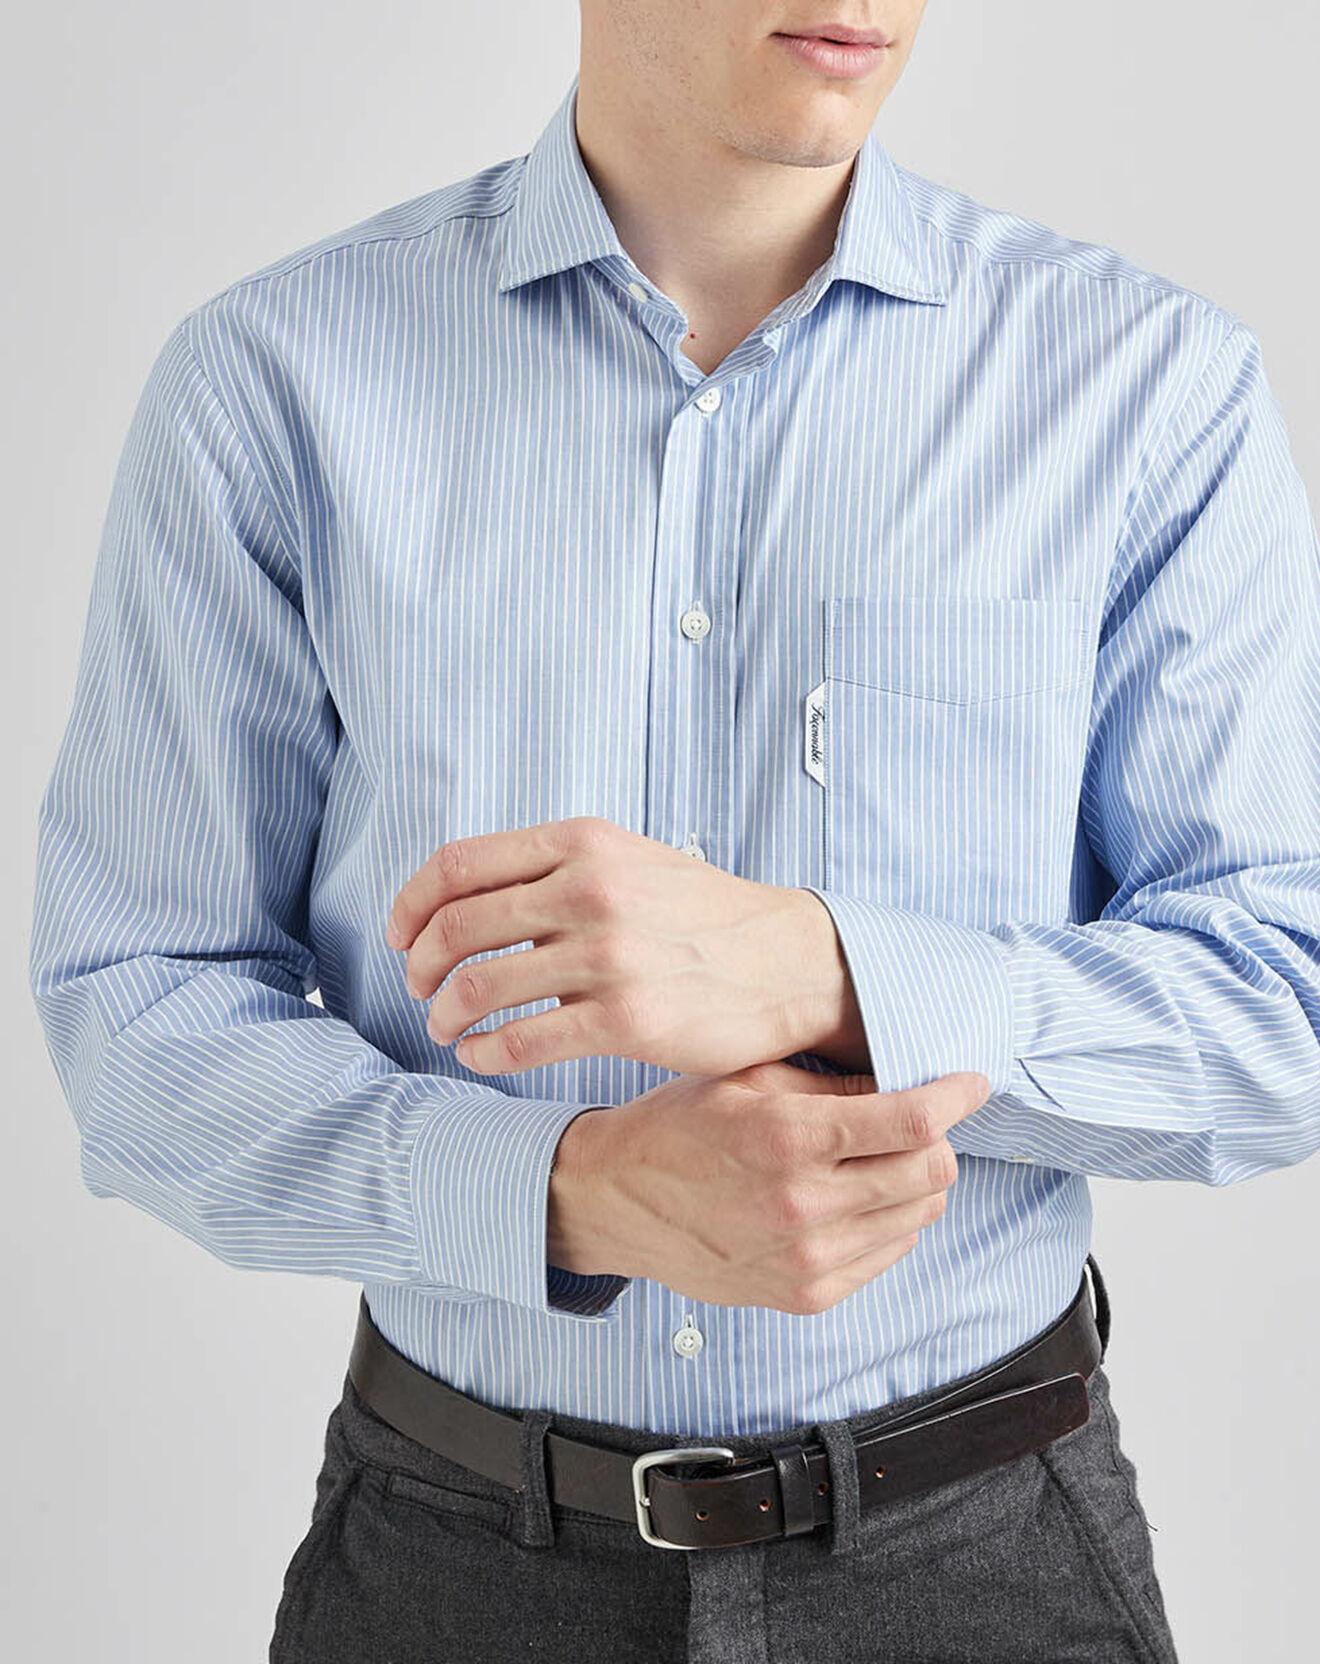 Chemise rayée bleu clair - Façonnable - Modalova